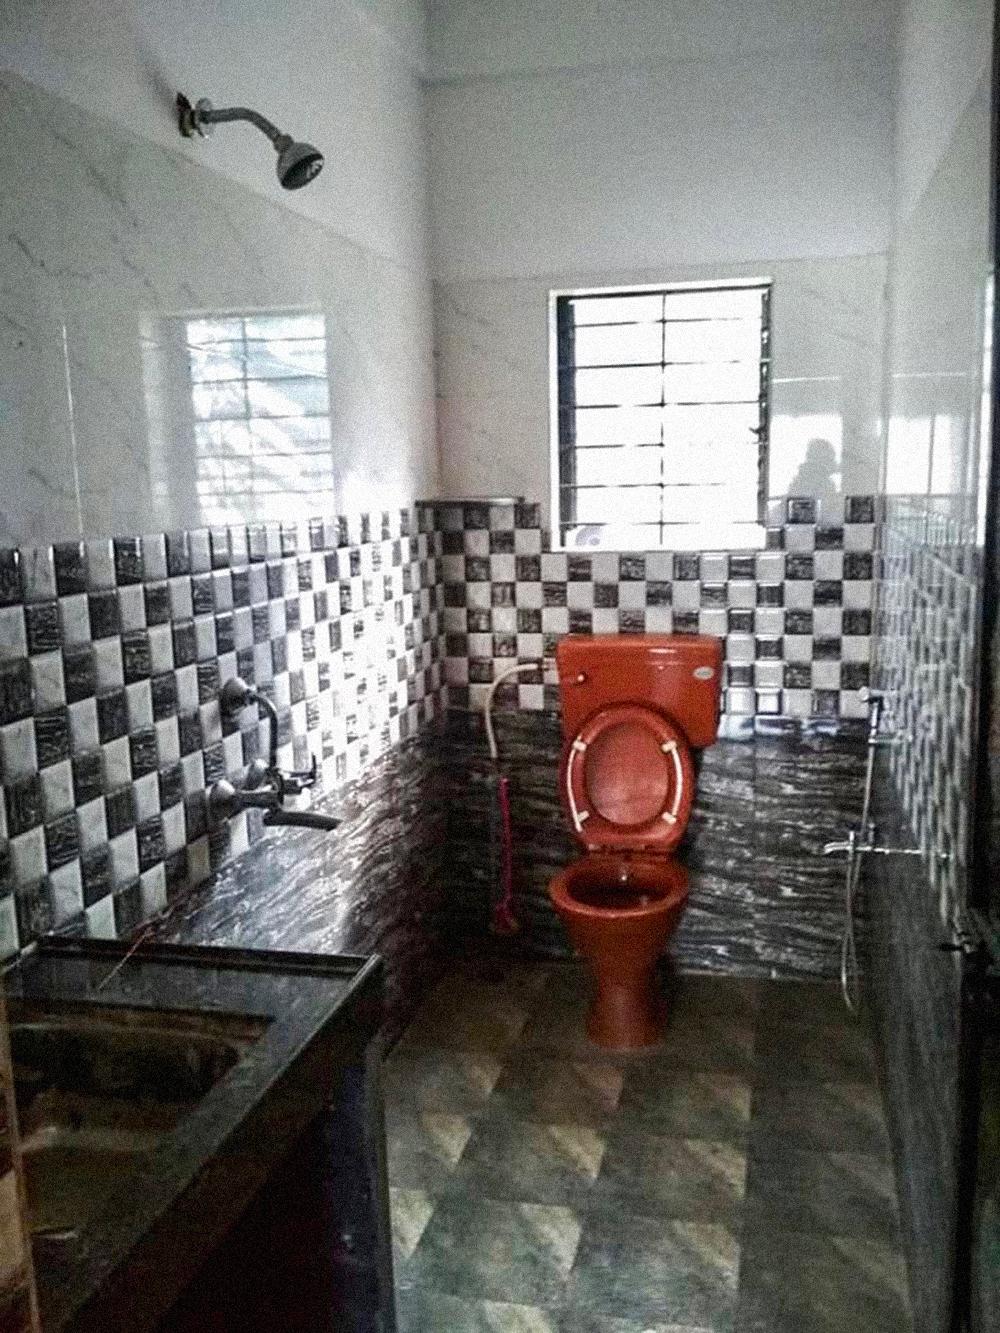 Такой санузел в Гоа ласково называют «душалет»: унитаз с лейкой для гигиенических потребностей, а рядом на стене обычный душ. Слив находится в углу, около унитаза